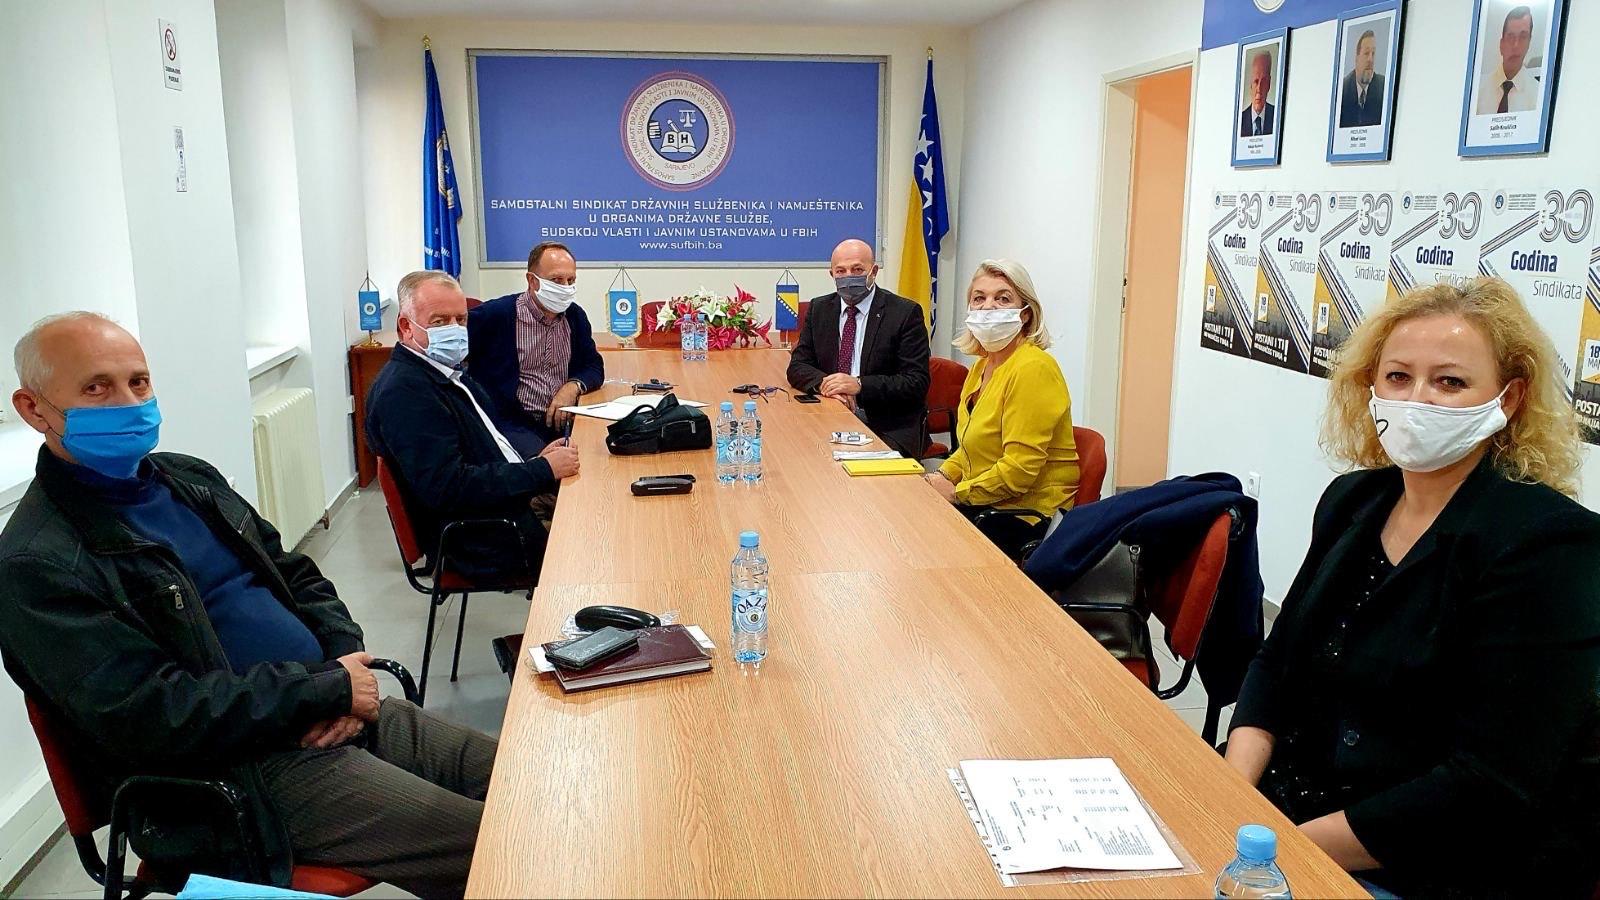 Održana Sjednica Nadzornog Odbora Samostalnog Sindikata Državnih Službenika I Namještenika U FBiH